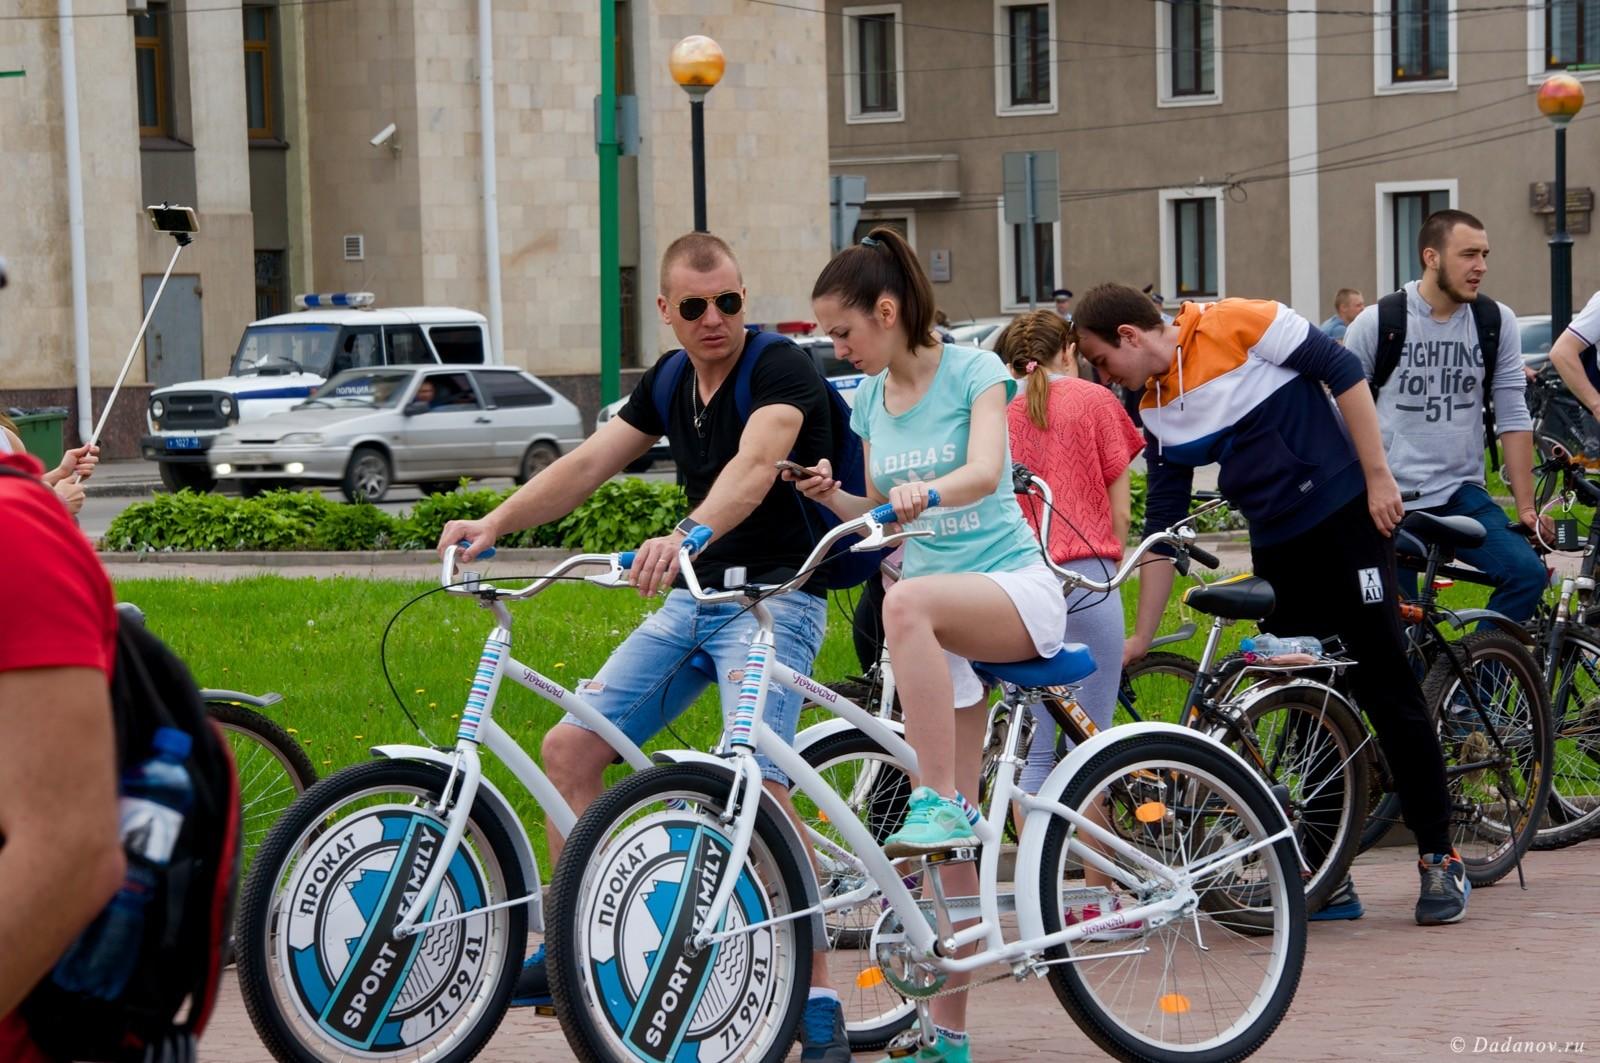 Велодень 2016 в Липецке состоялся. Фотографии с мероприятия 3067